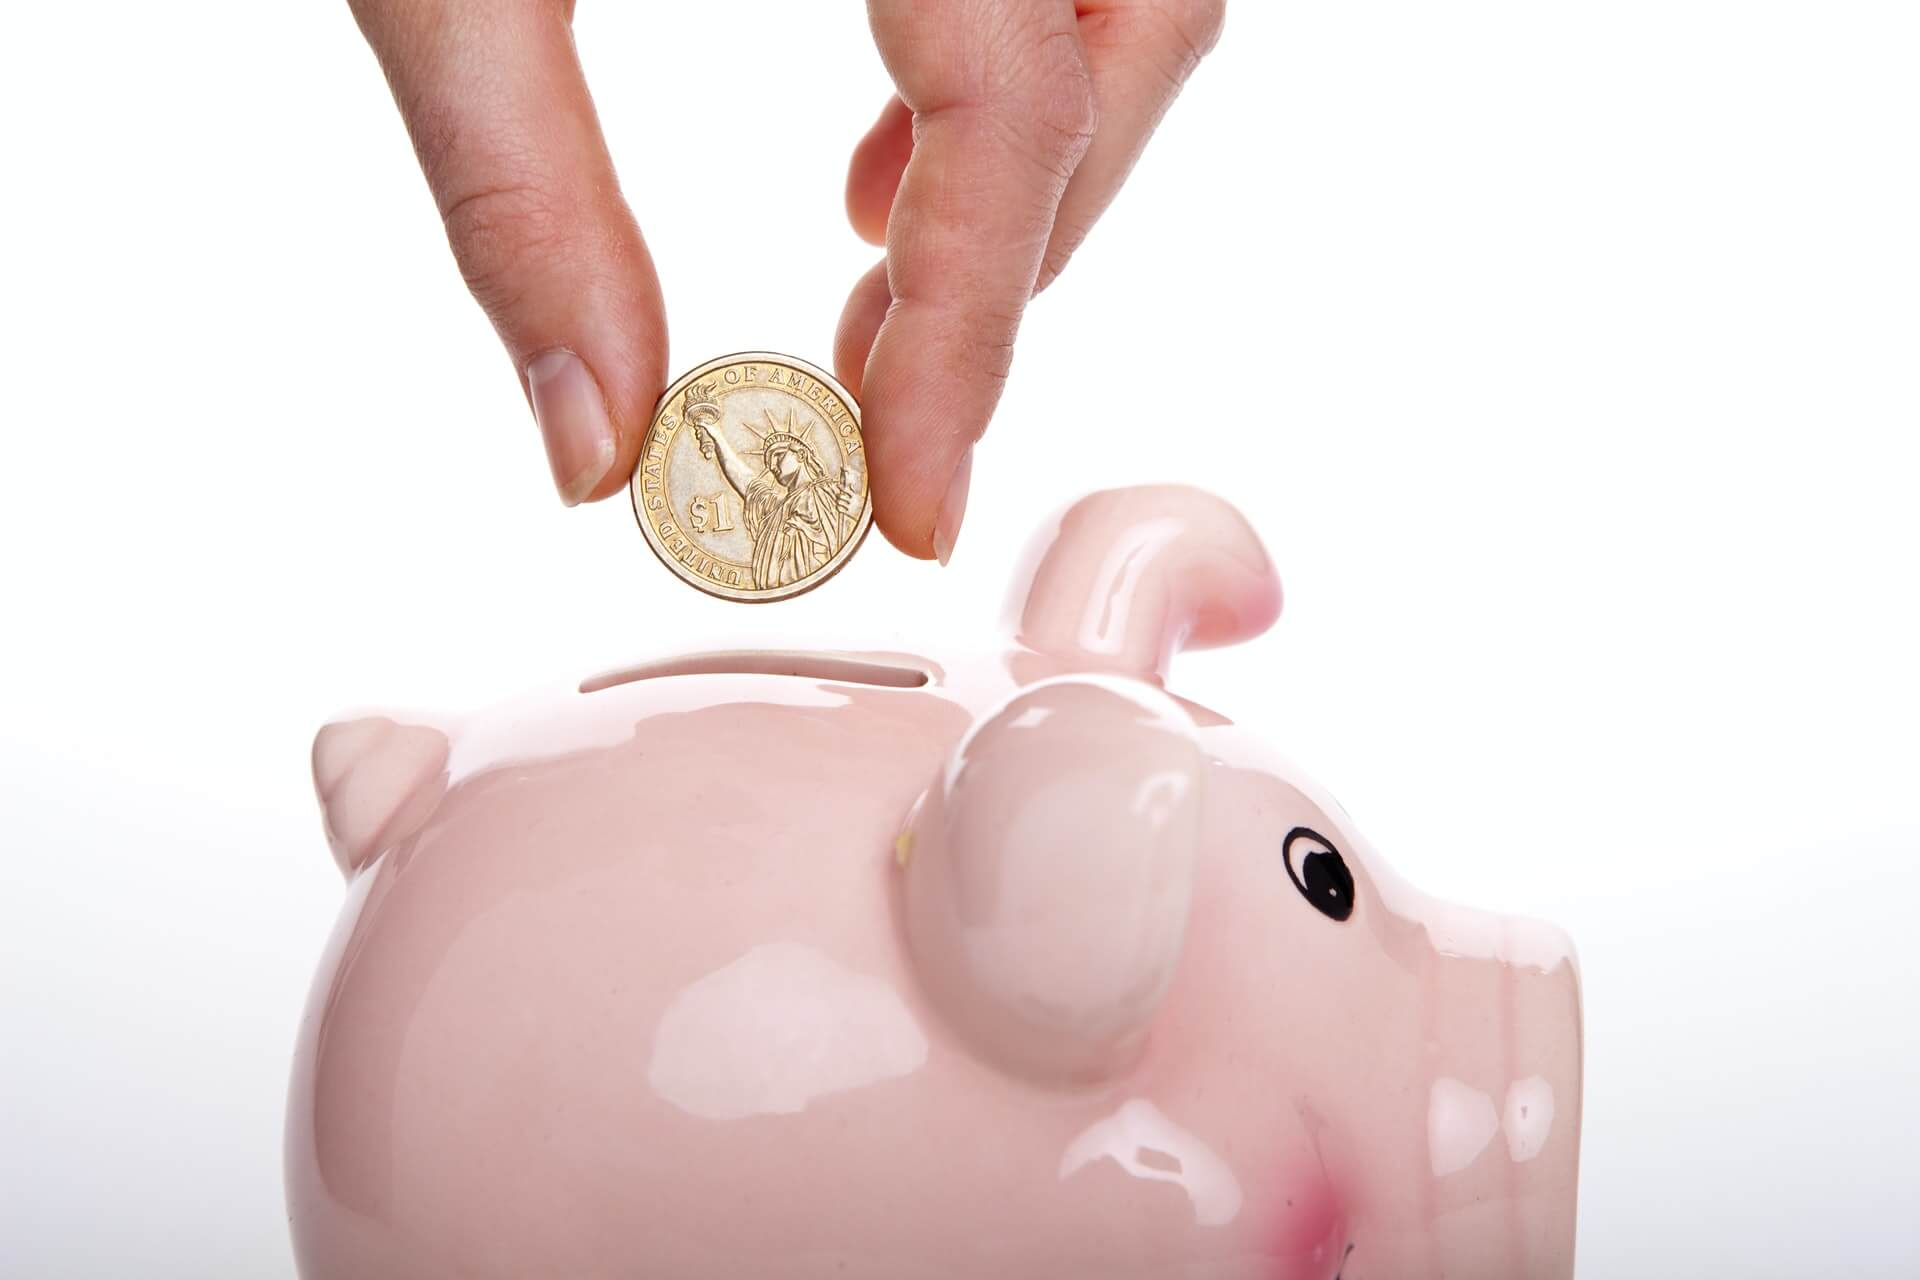 Tポイント投資の始め方❶:Tポイントを貯める